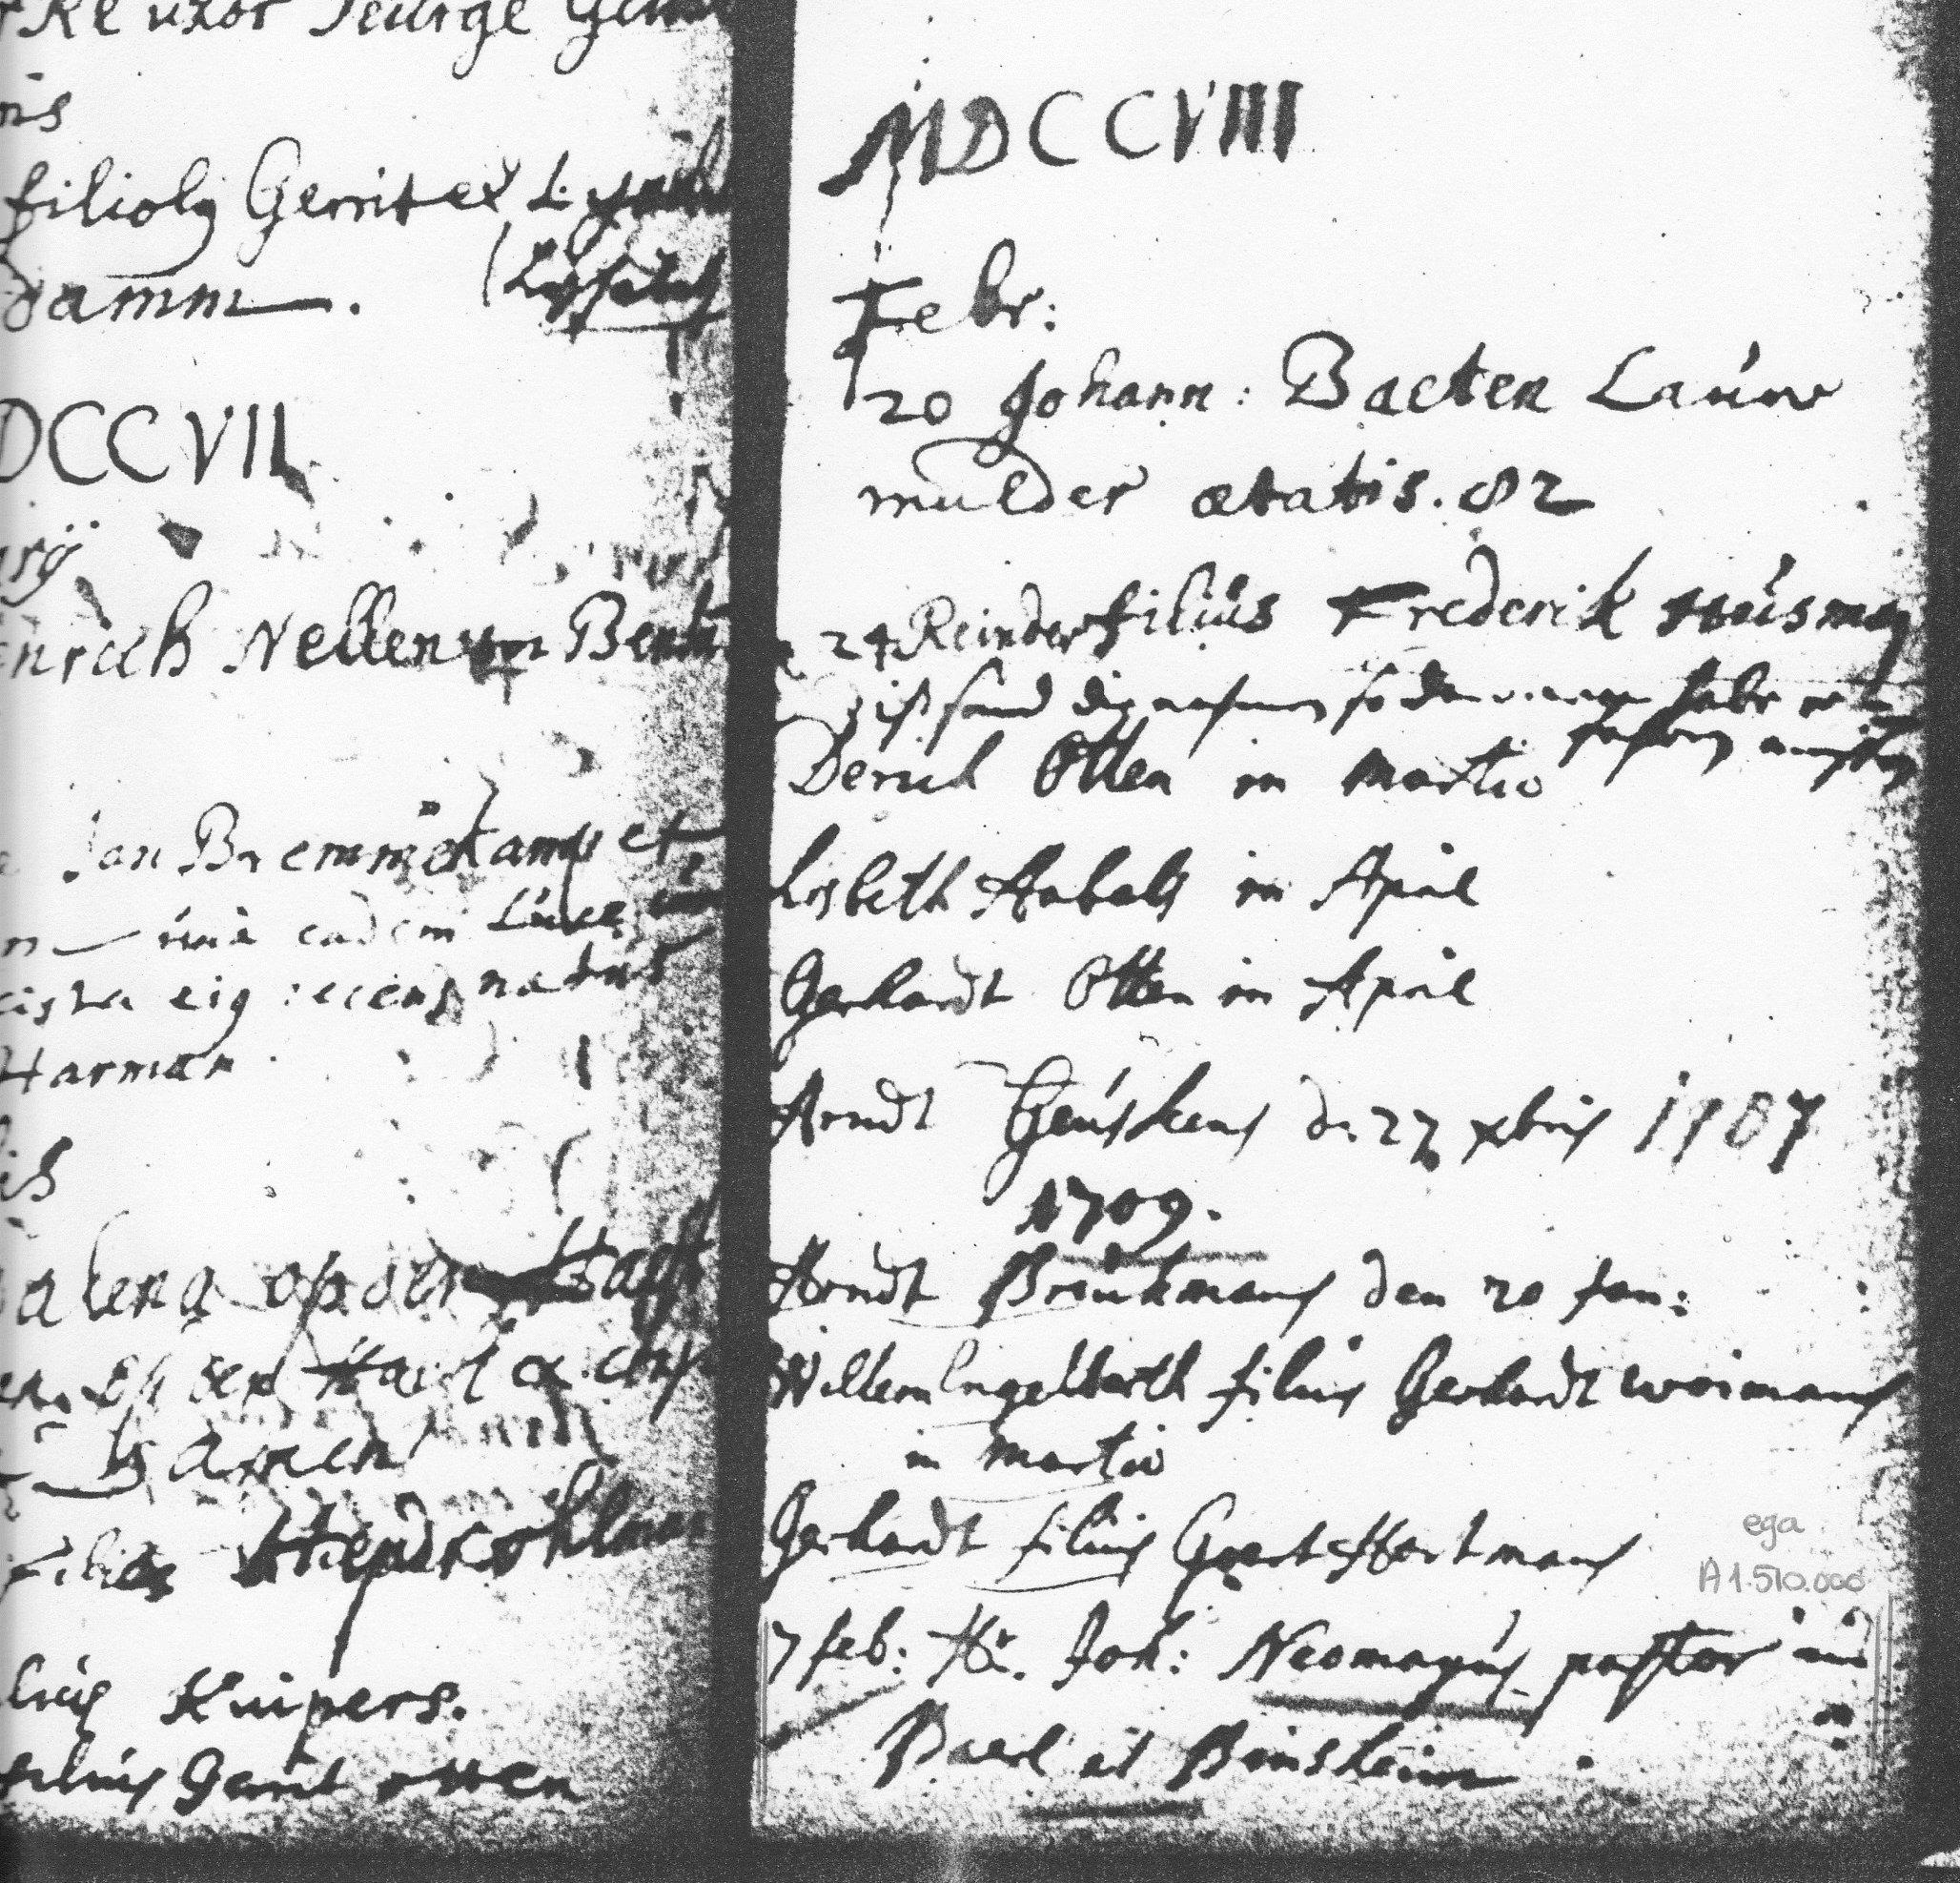 Inschrijving van het begraven van Johannes, 7 februari 1709 (rechtsonder). Hij is pastor van Baerl en Binsheim.